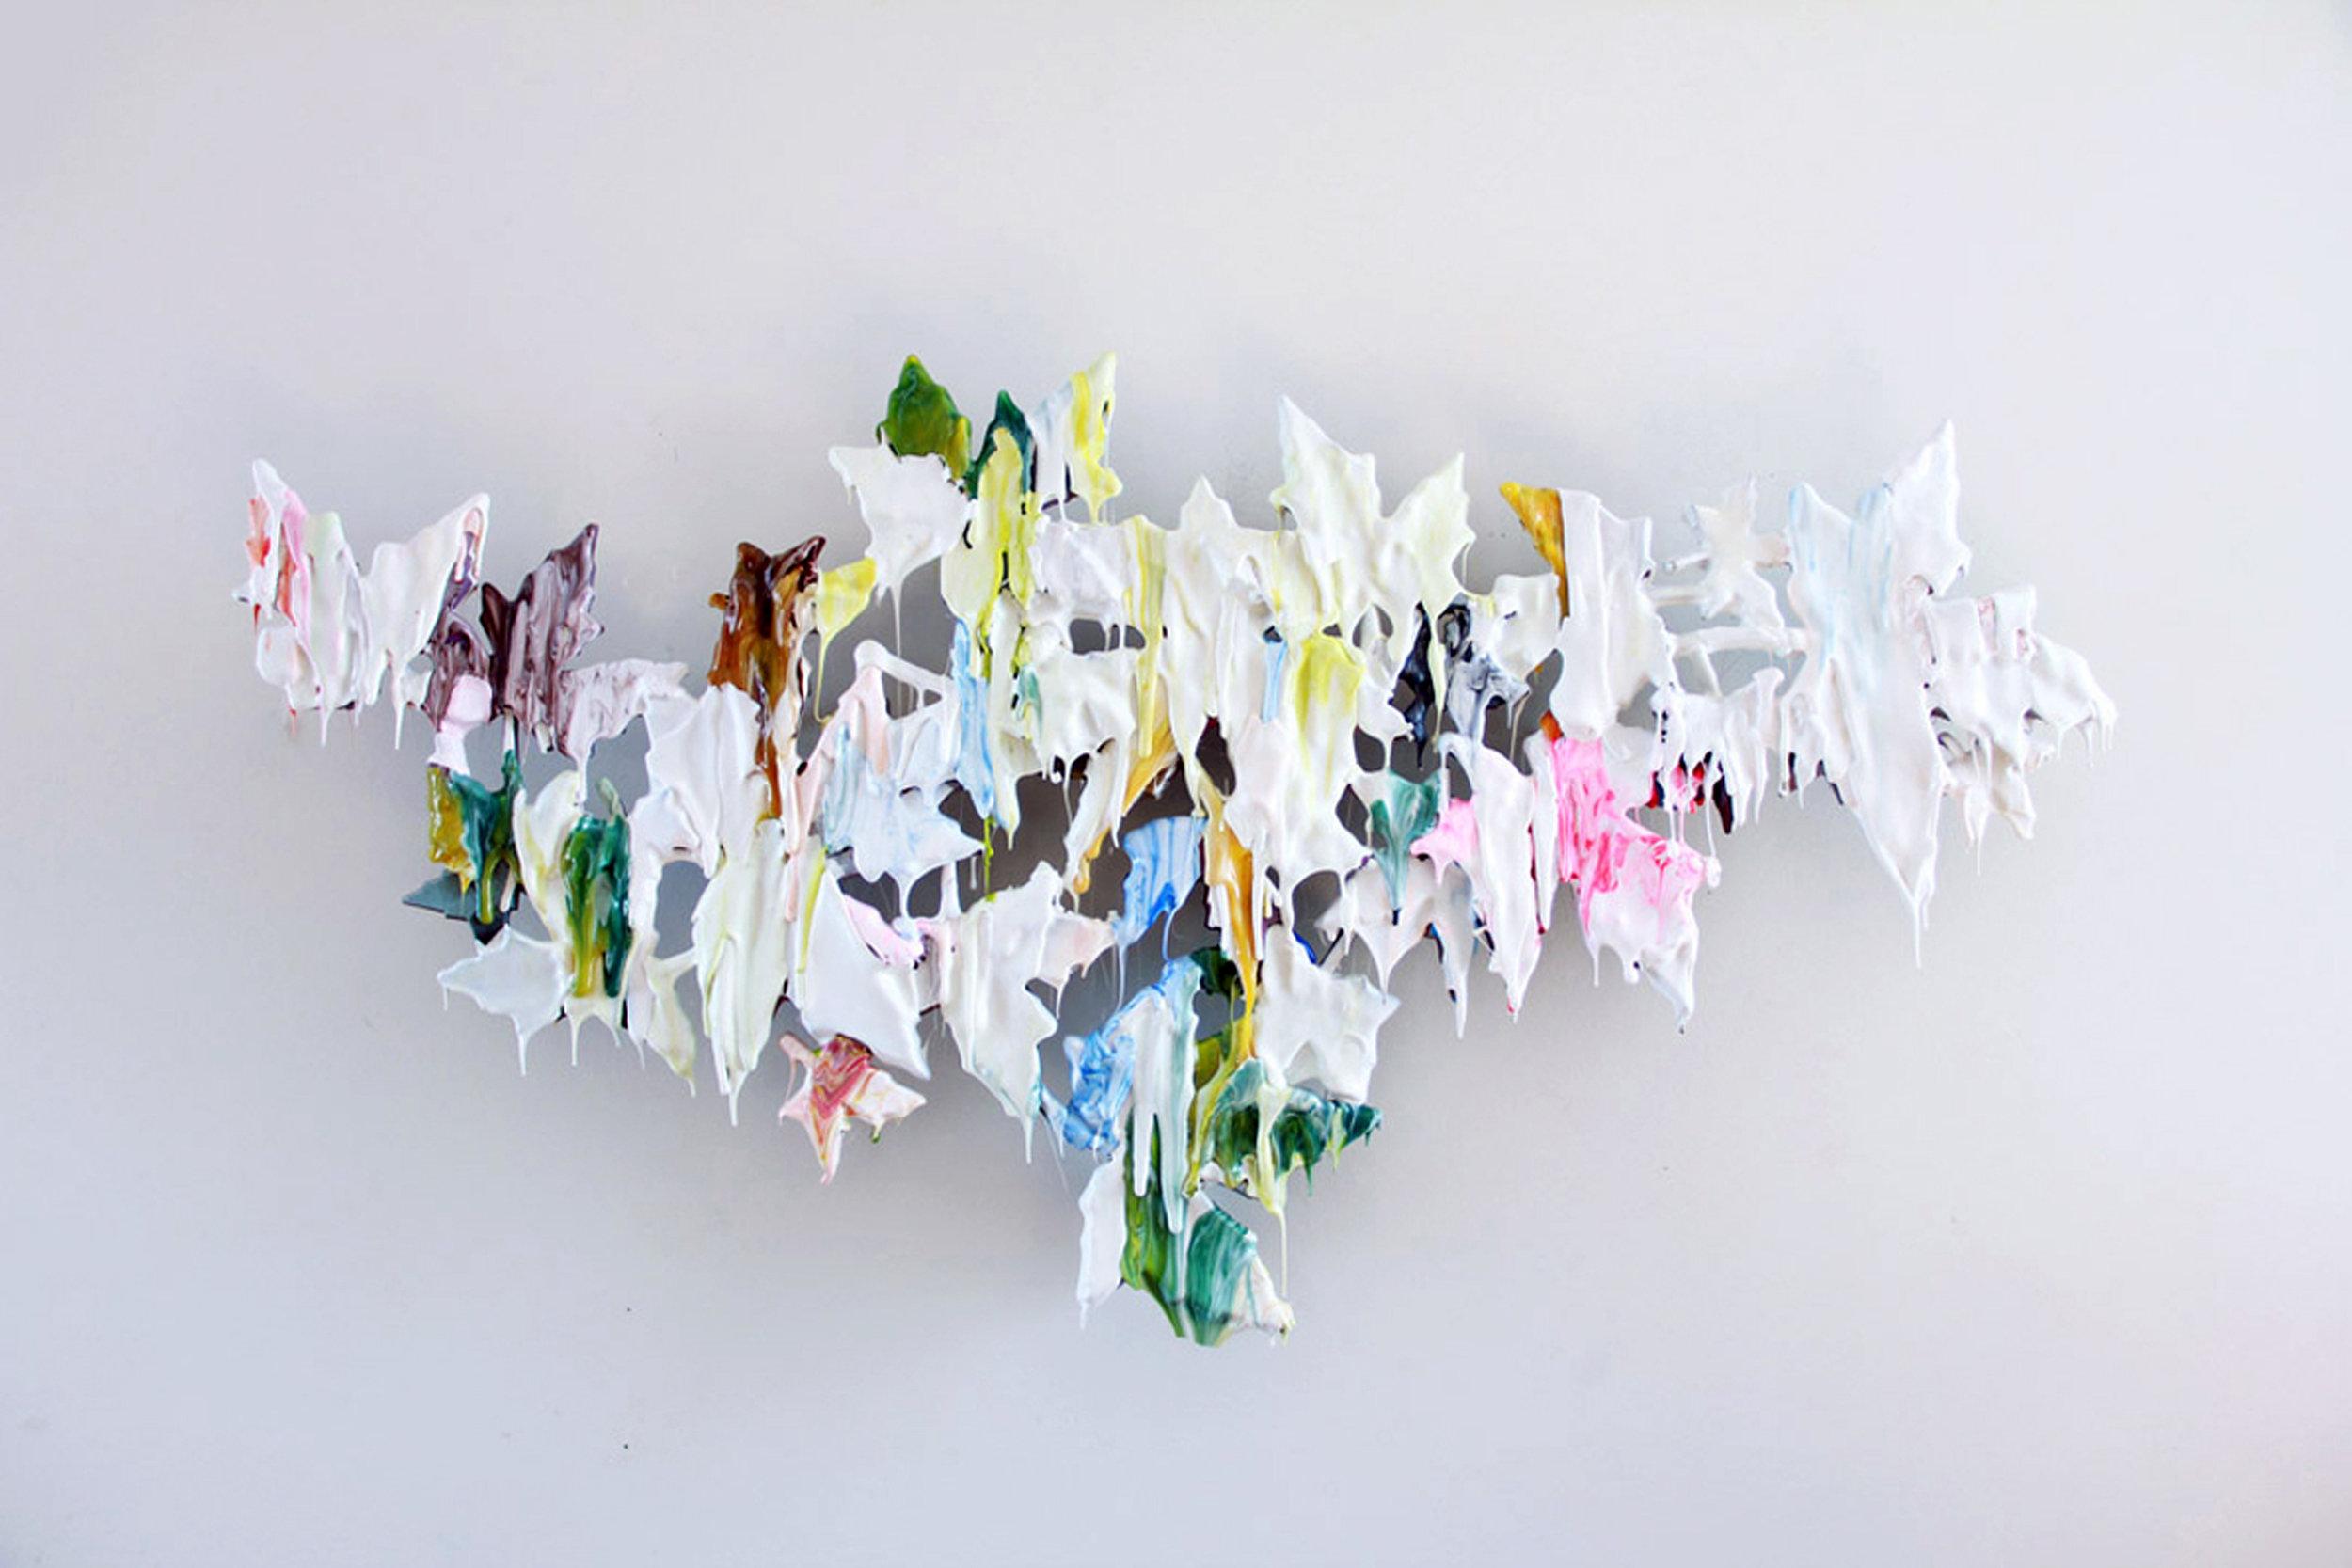 Daniel Bruttig, Cool Breeze, 2019. Thermoplastic, adhesive, inks, wax on formed plastic, 40 x 22 x 5 in.